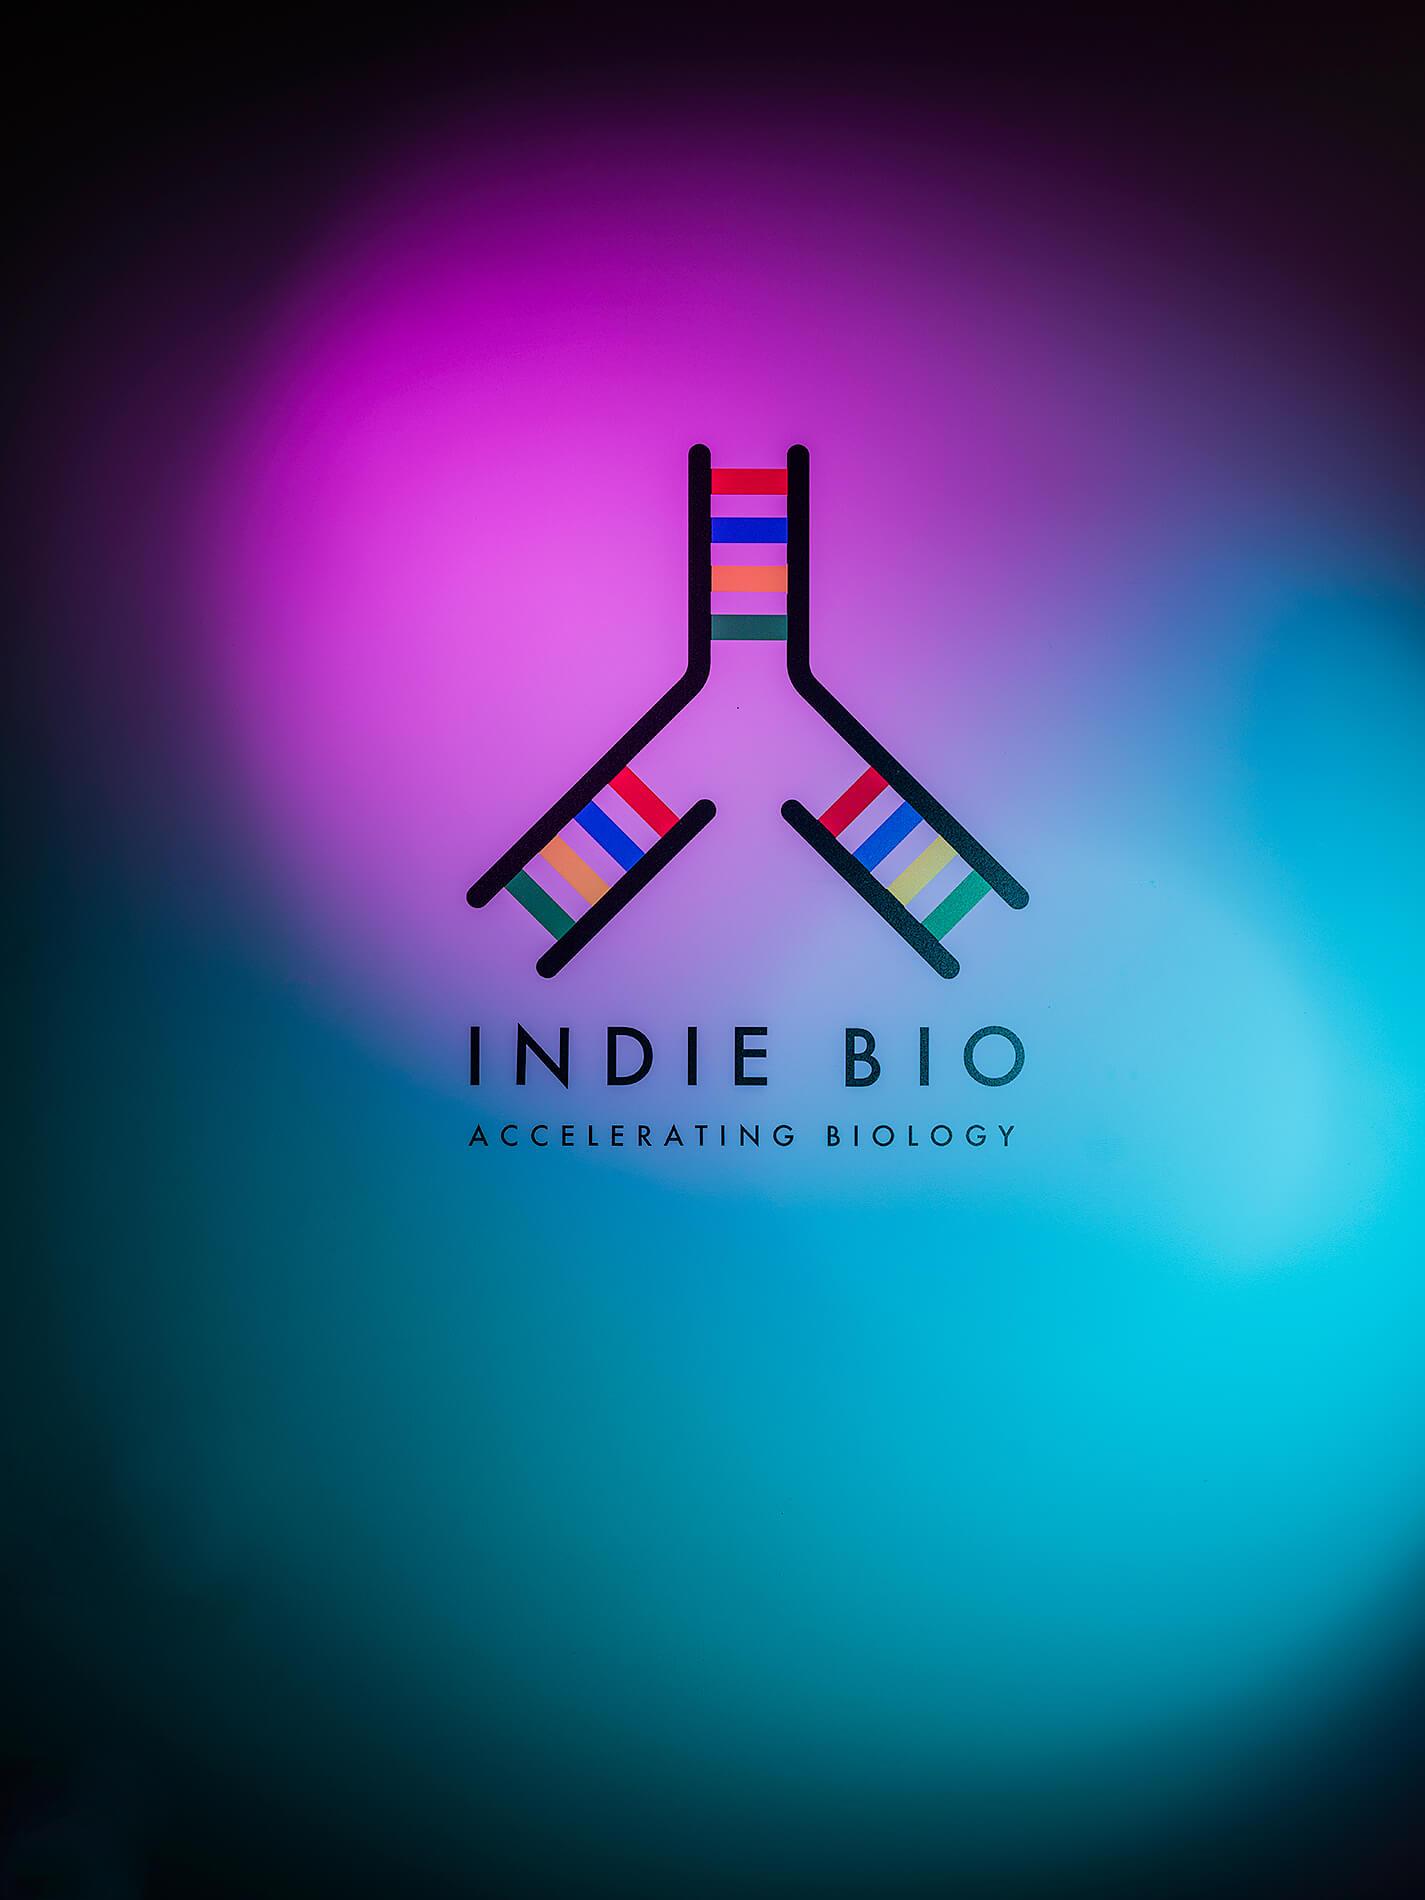 Indie Bio logo